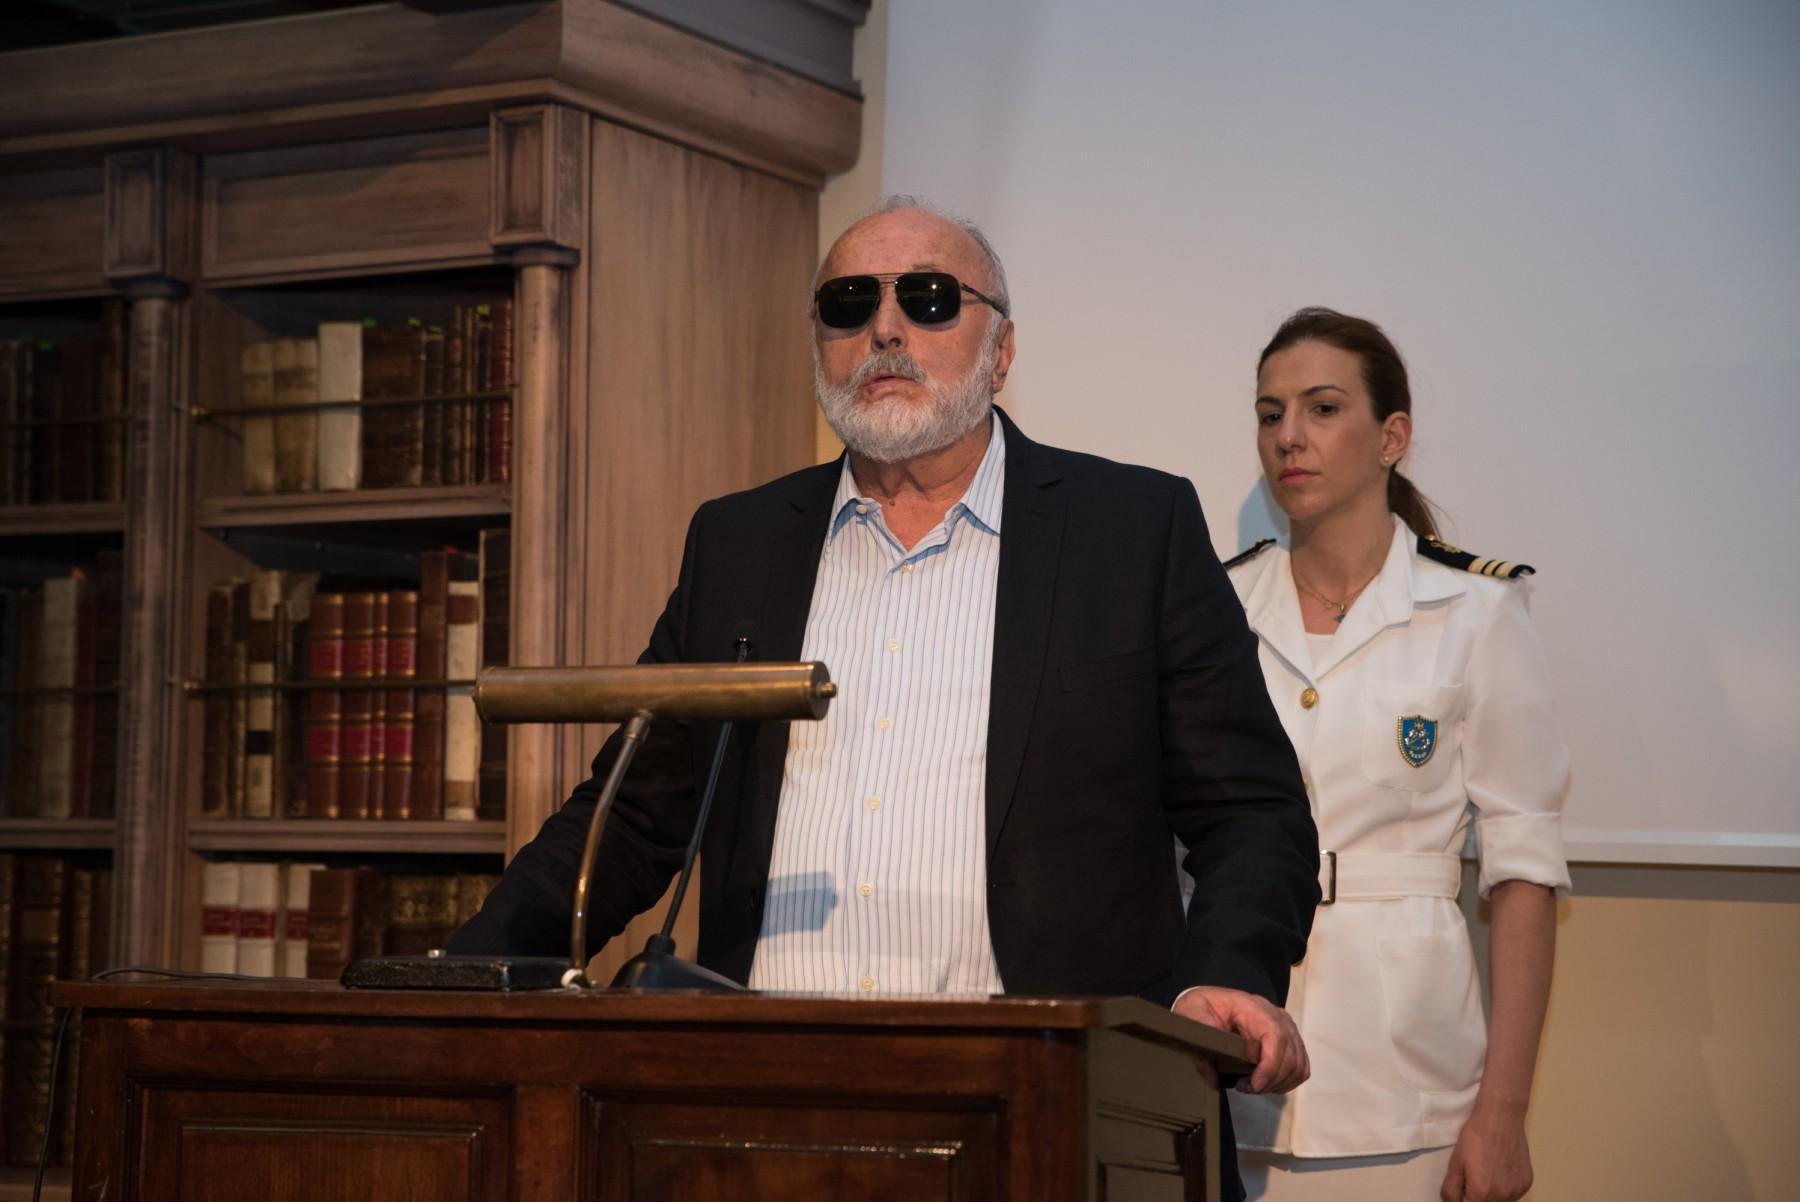 Ο Υπουργός Ναυτιλίας και Νησιωτικής Πολιτικής Παναγιώτης Κουρουμπλής χαιρετίζει την εκδήλωση